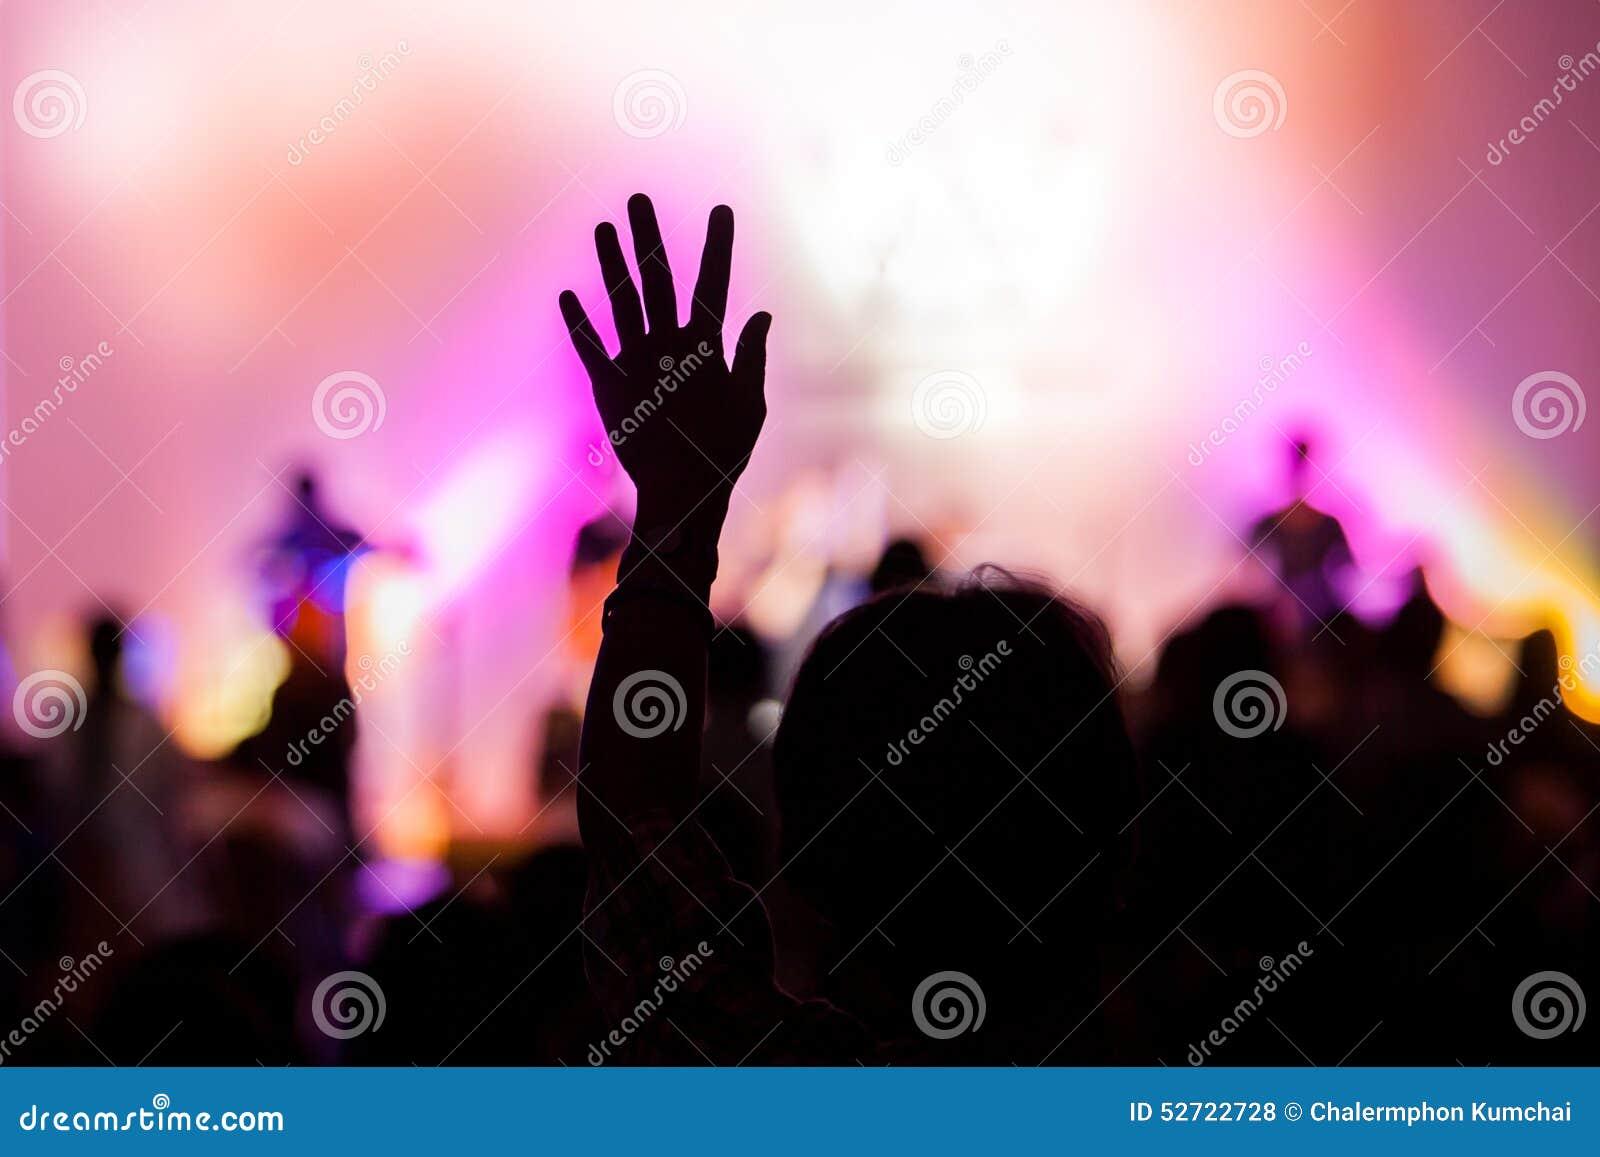 Христианский концерт музыки с поднятой рукой